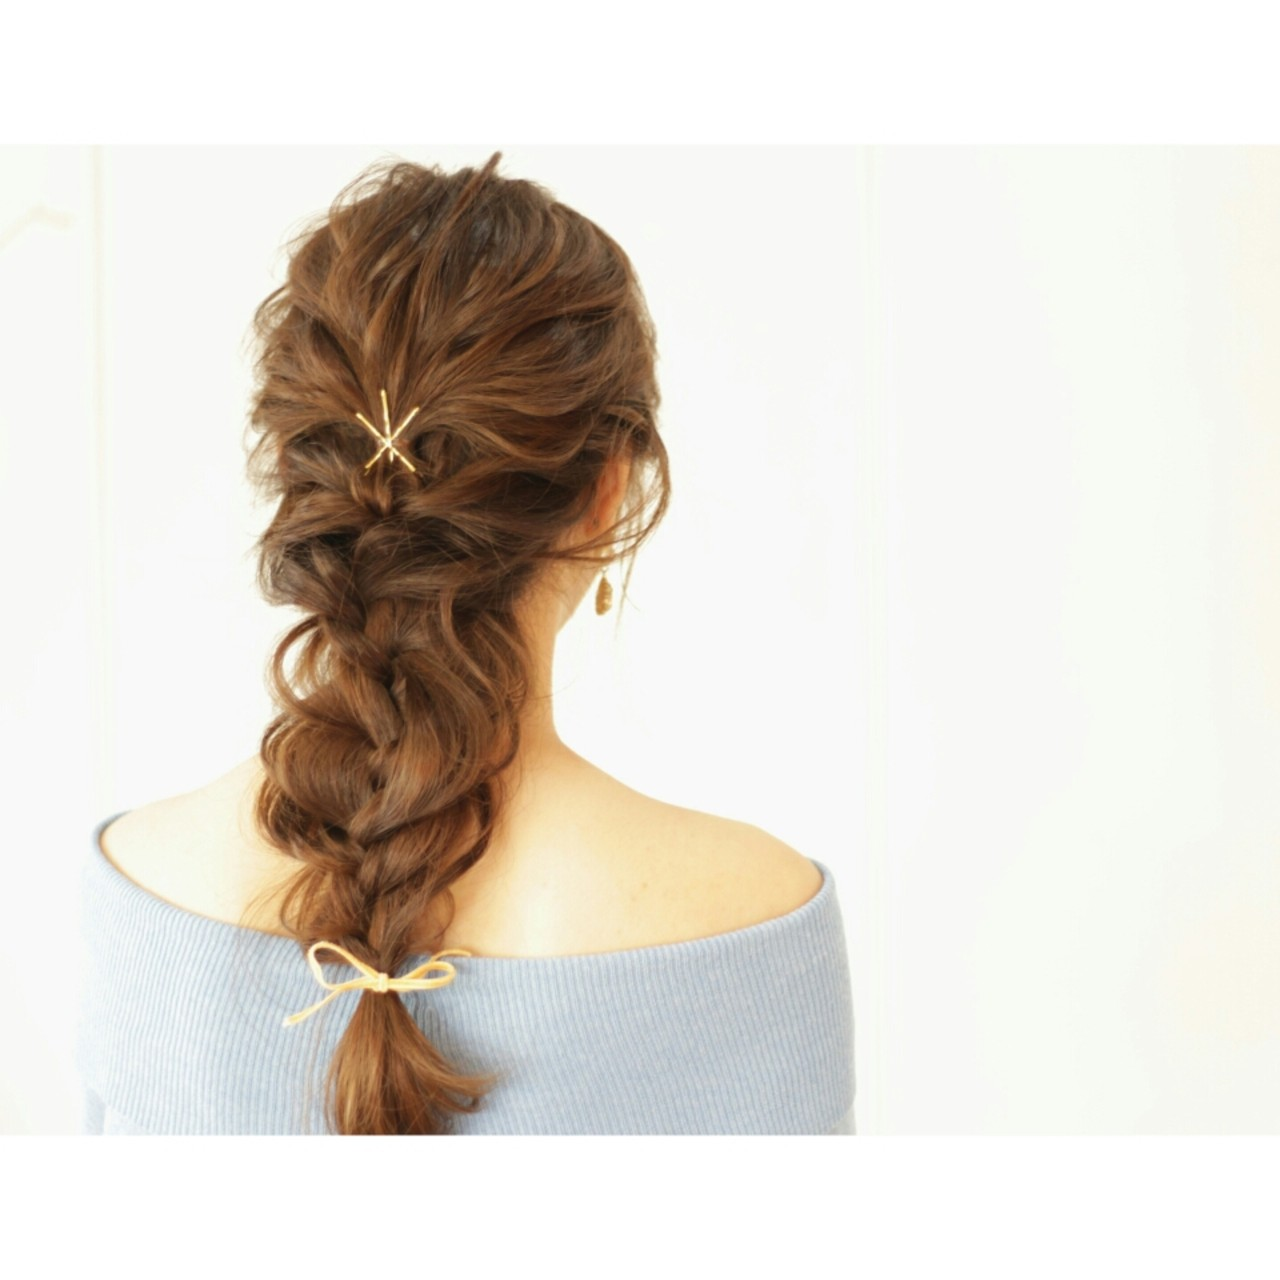 ヘアアクセ ヘアピン フェミニン ヘアアレンジ ヘアスタイルや髪型の写真・画像 | 福原 慶之 / intimhair